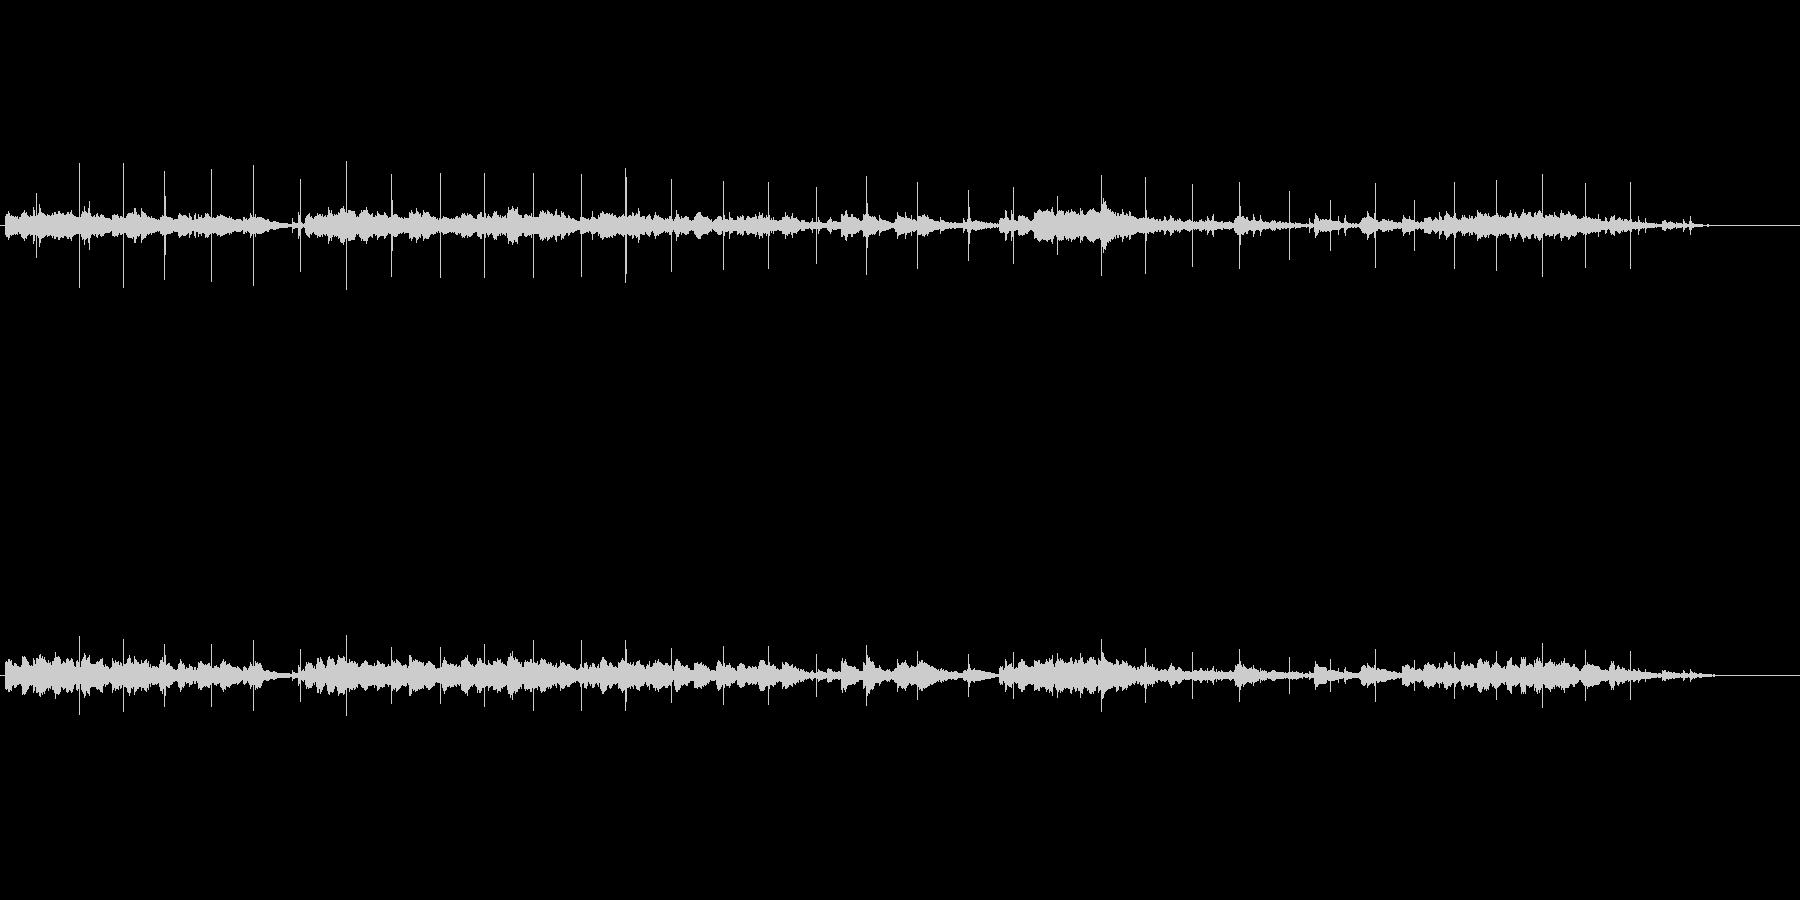 サスペンス調(忍び寄る影)の未再生の波形